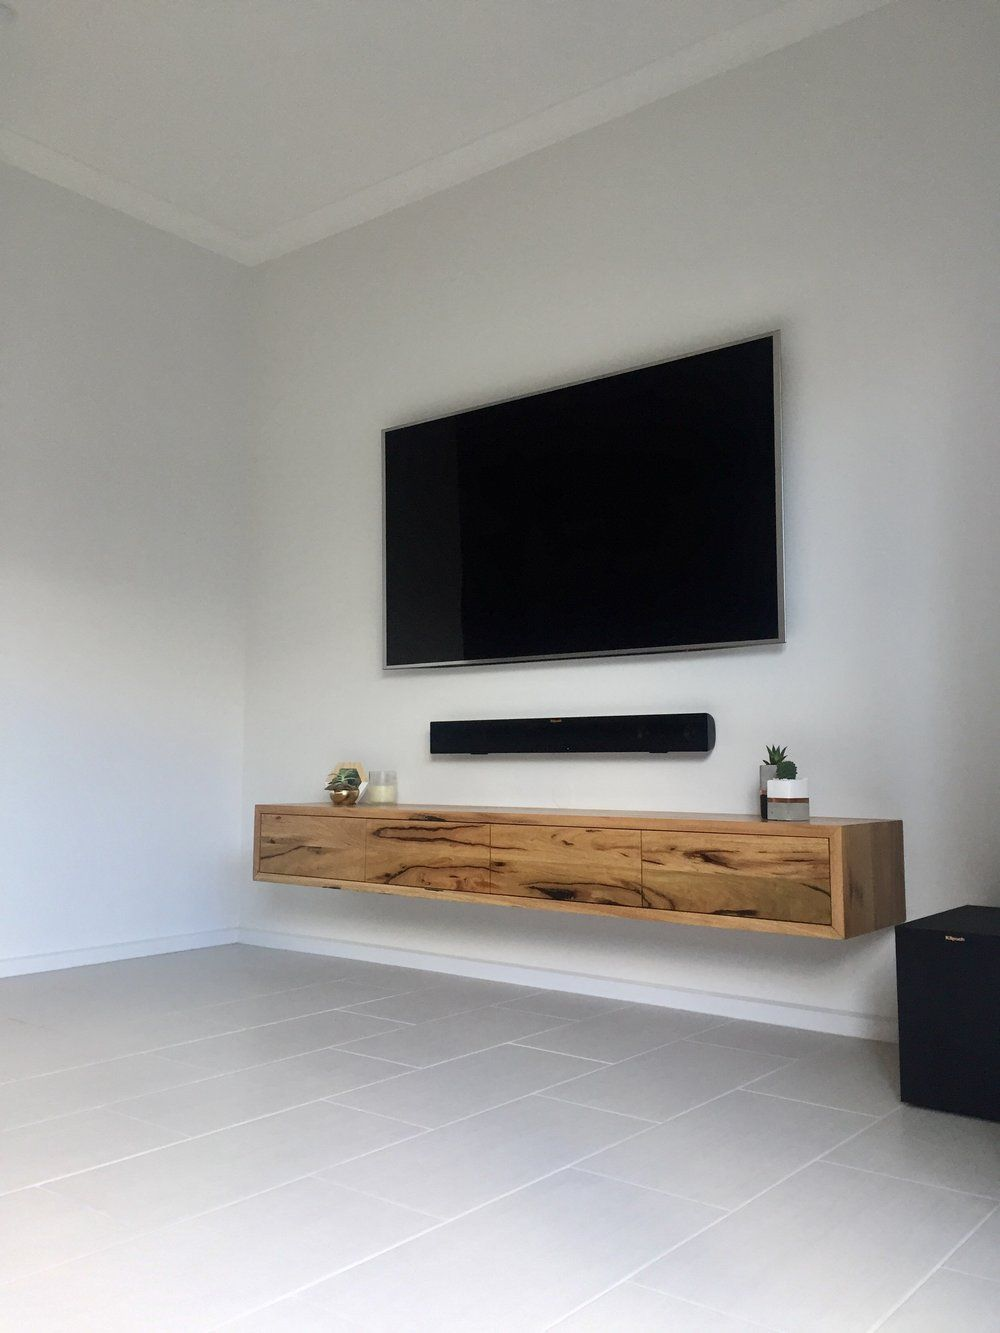 37 Captivating Diy Floating Shelves Living Room Decorating